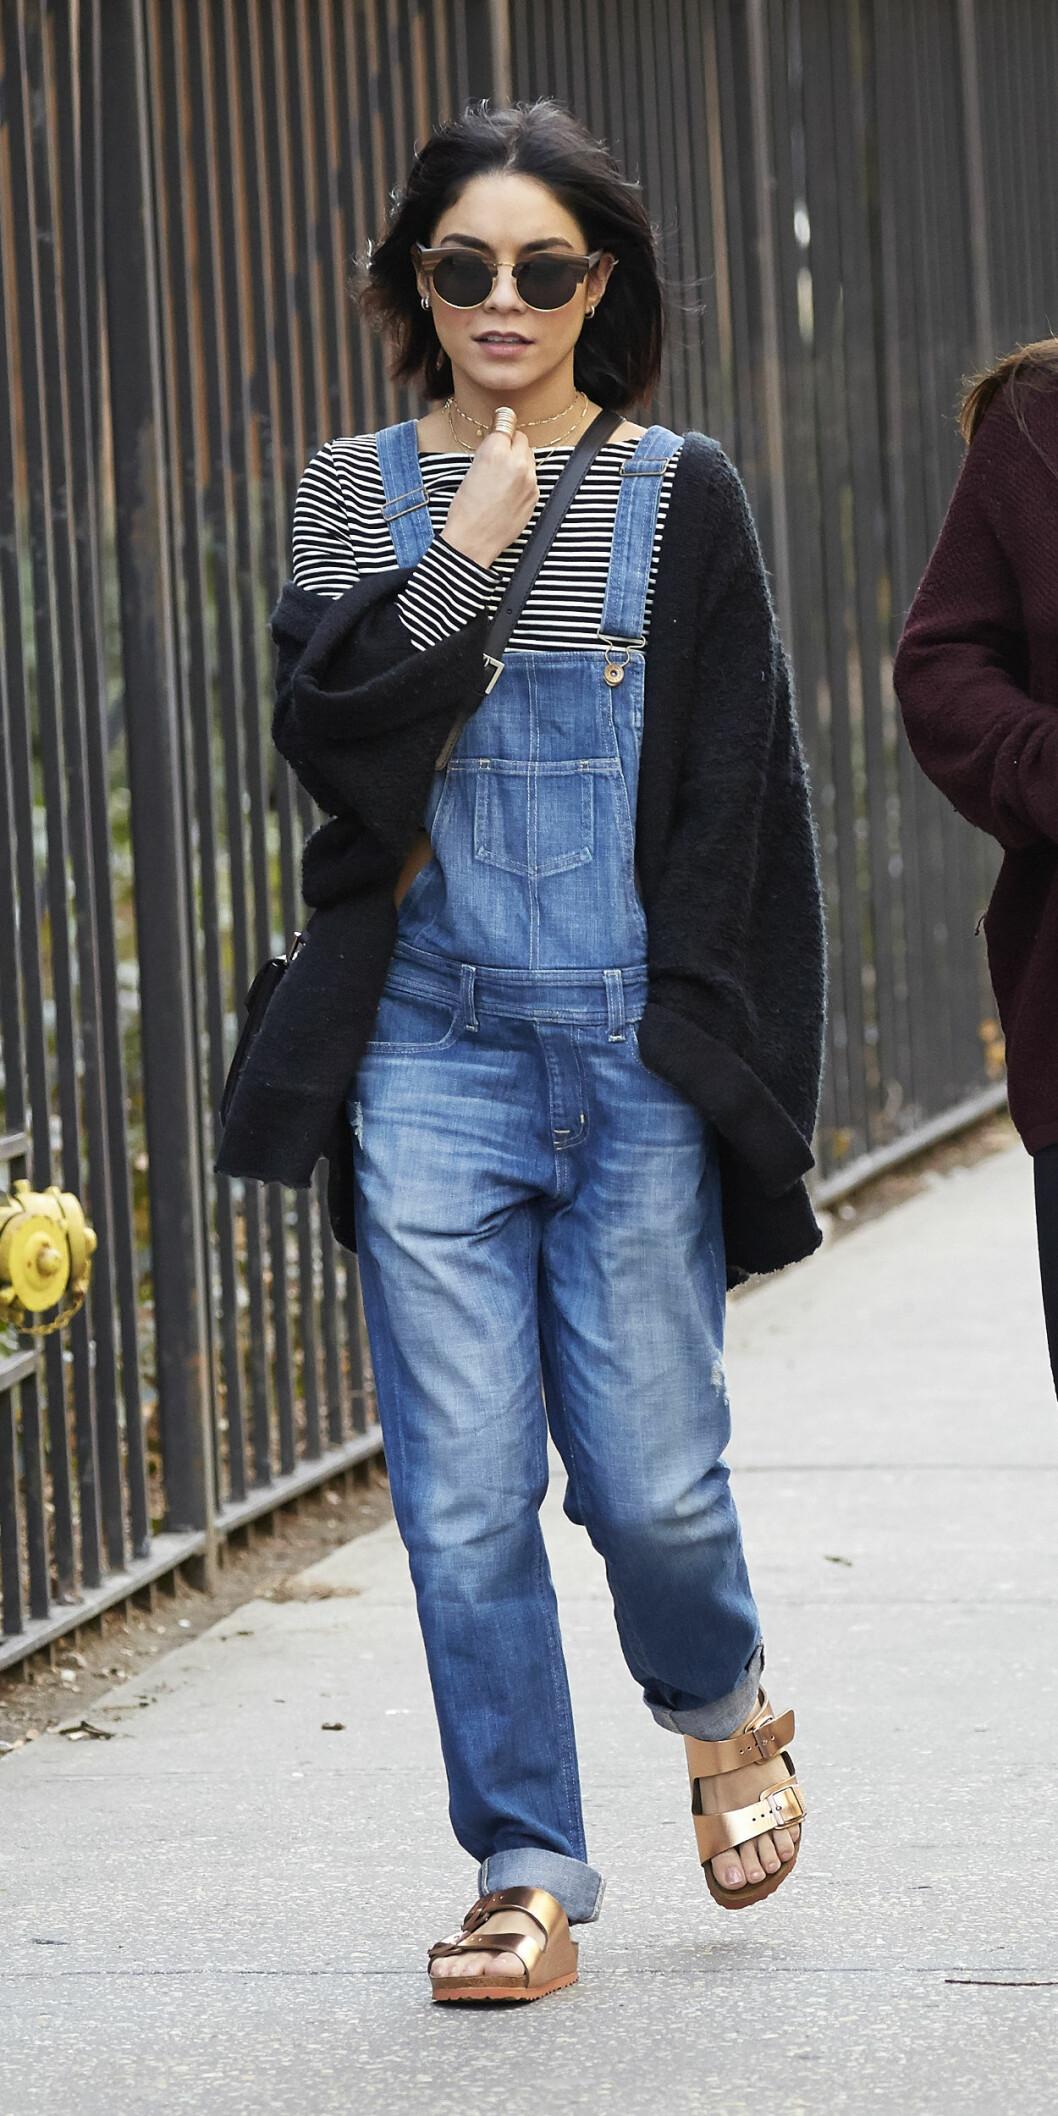 Skuespiller Vanessa Hudgens stylet metalliske sandaler med selebukser i New York.  Foto: Scanpix